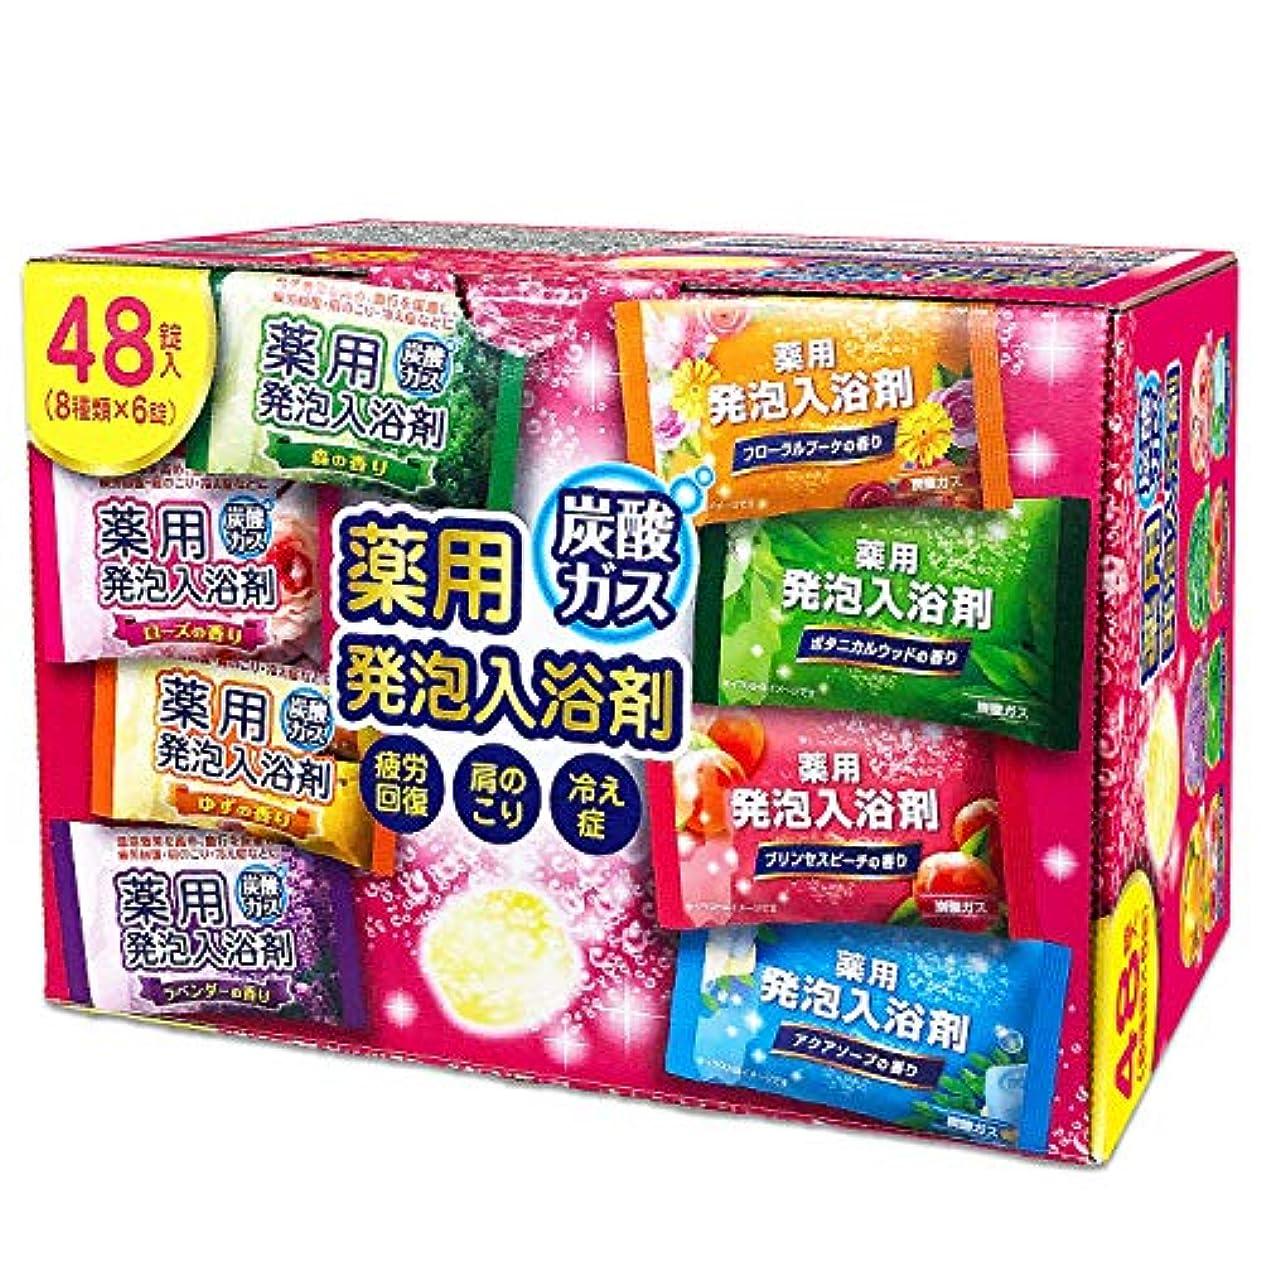 【大容量】薬用発泡入浴剤 8つの香り 炭酸ガス 48錠入(8種×6錠)つめ合わせ 医薬部外品